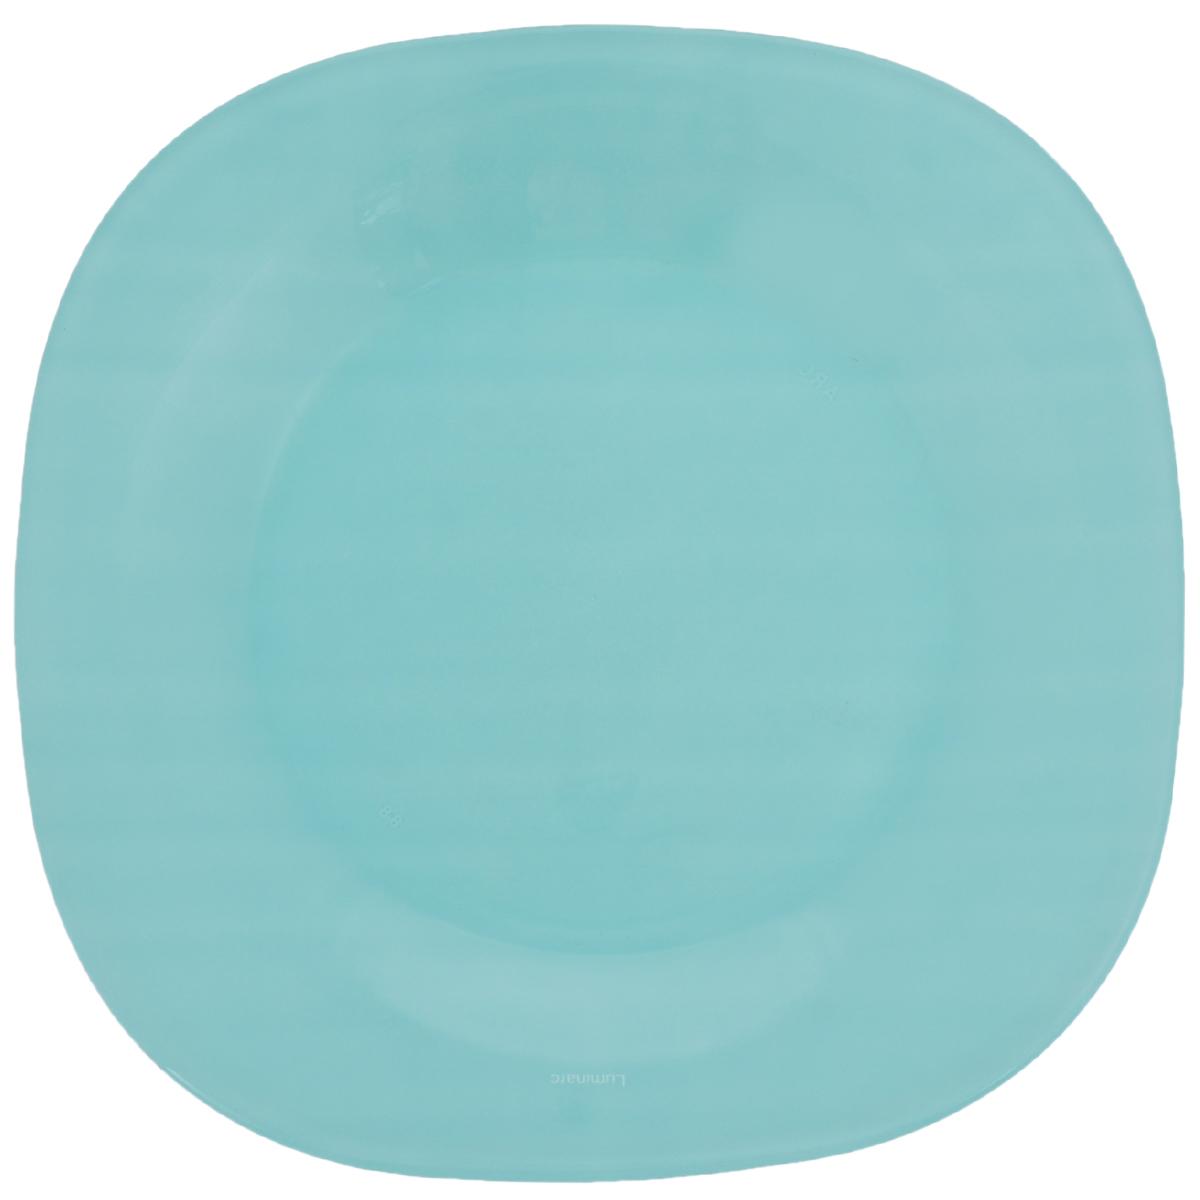 Тарелка десертная Luminarc Carine Colorama, 18 х 18 см115510Десертная тарелка Luminarc Carine Colorama, изготовленная из ударопрочного стекла, имеет изысканный внешний вид. Такая тарелка прекрасно подходит как для торжественных случаев, так и для повседневного использования. Идеальна для подачи десертов, пирожных, тортов и многого другого. Она прекрасно оформит стол и станет отличным дополнением к вашей коллекции кухонной посуды. Размер тарелки: 18 х 18 х 1,8 см.